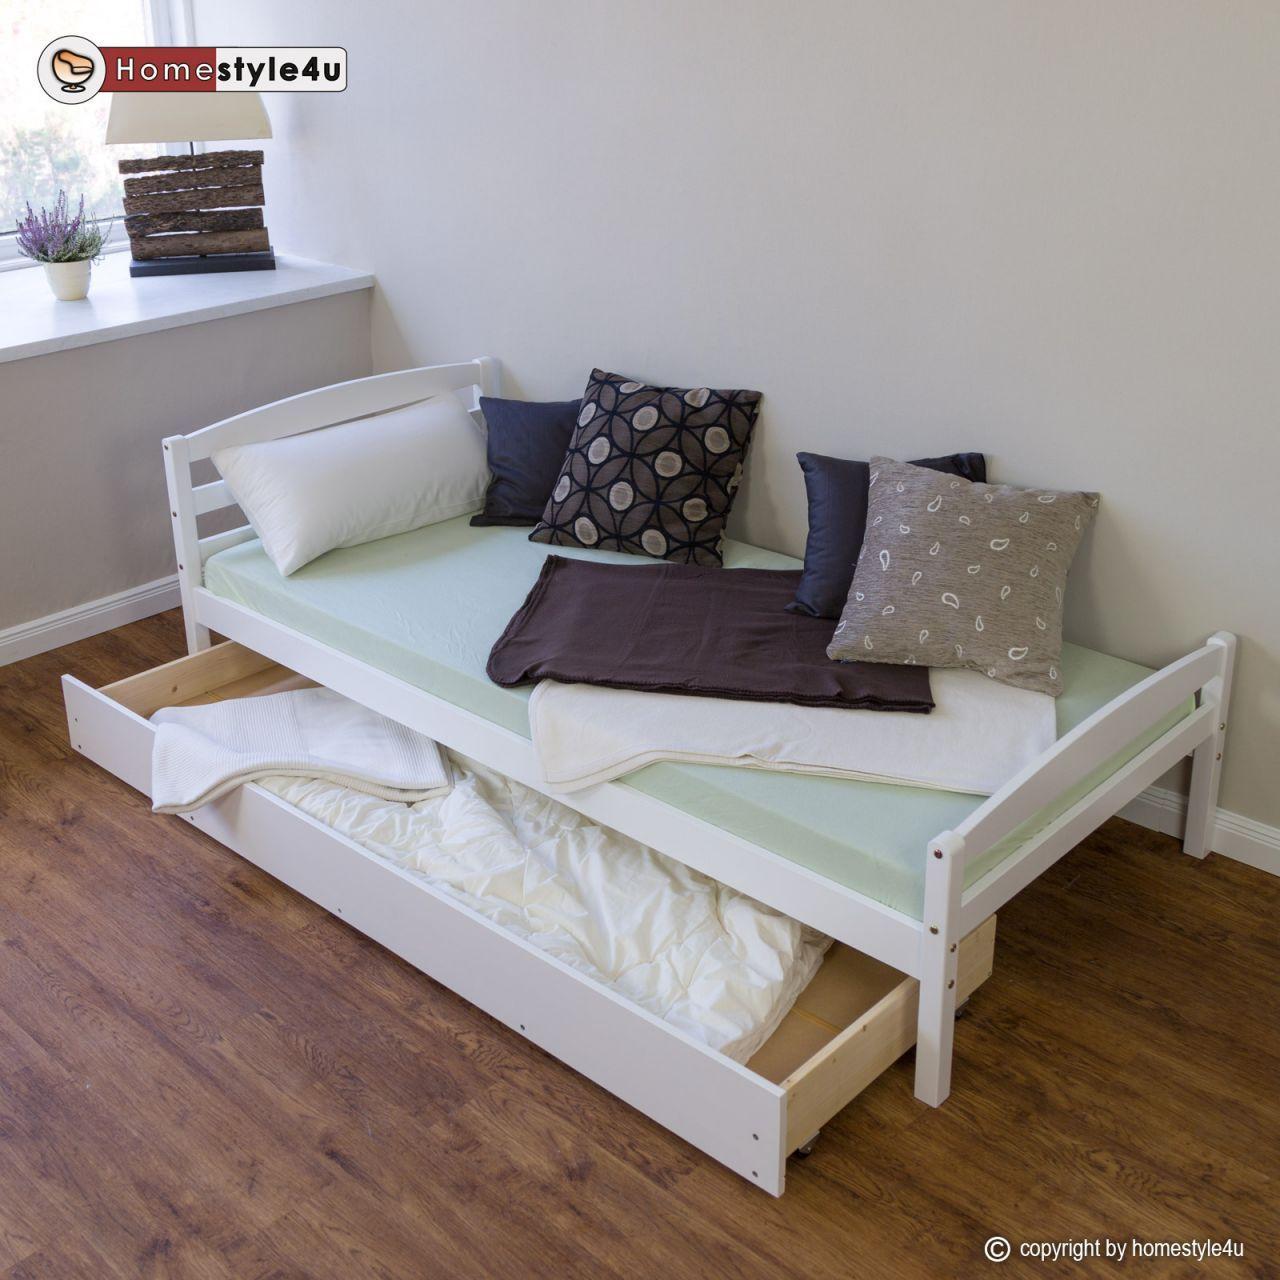 Holzbett design  Produktbeschreibung Das Holzbett begeistert durch seine natürliche ...